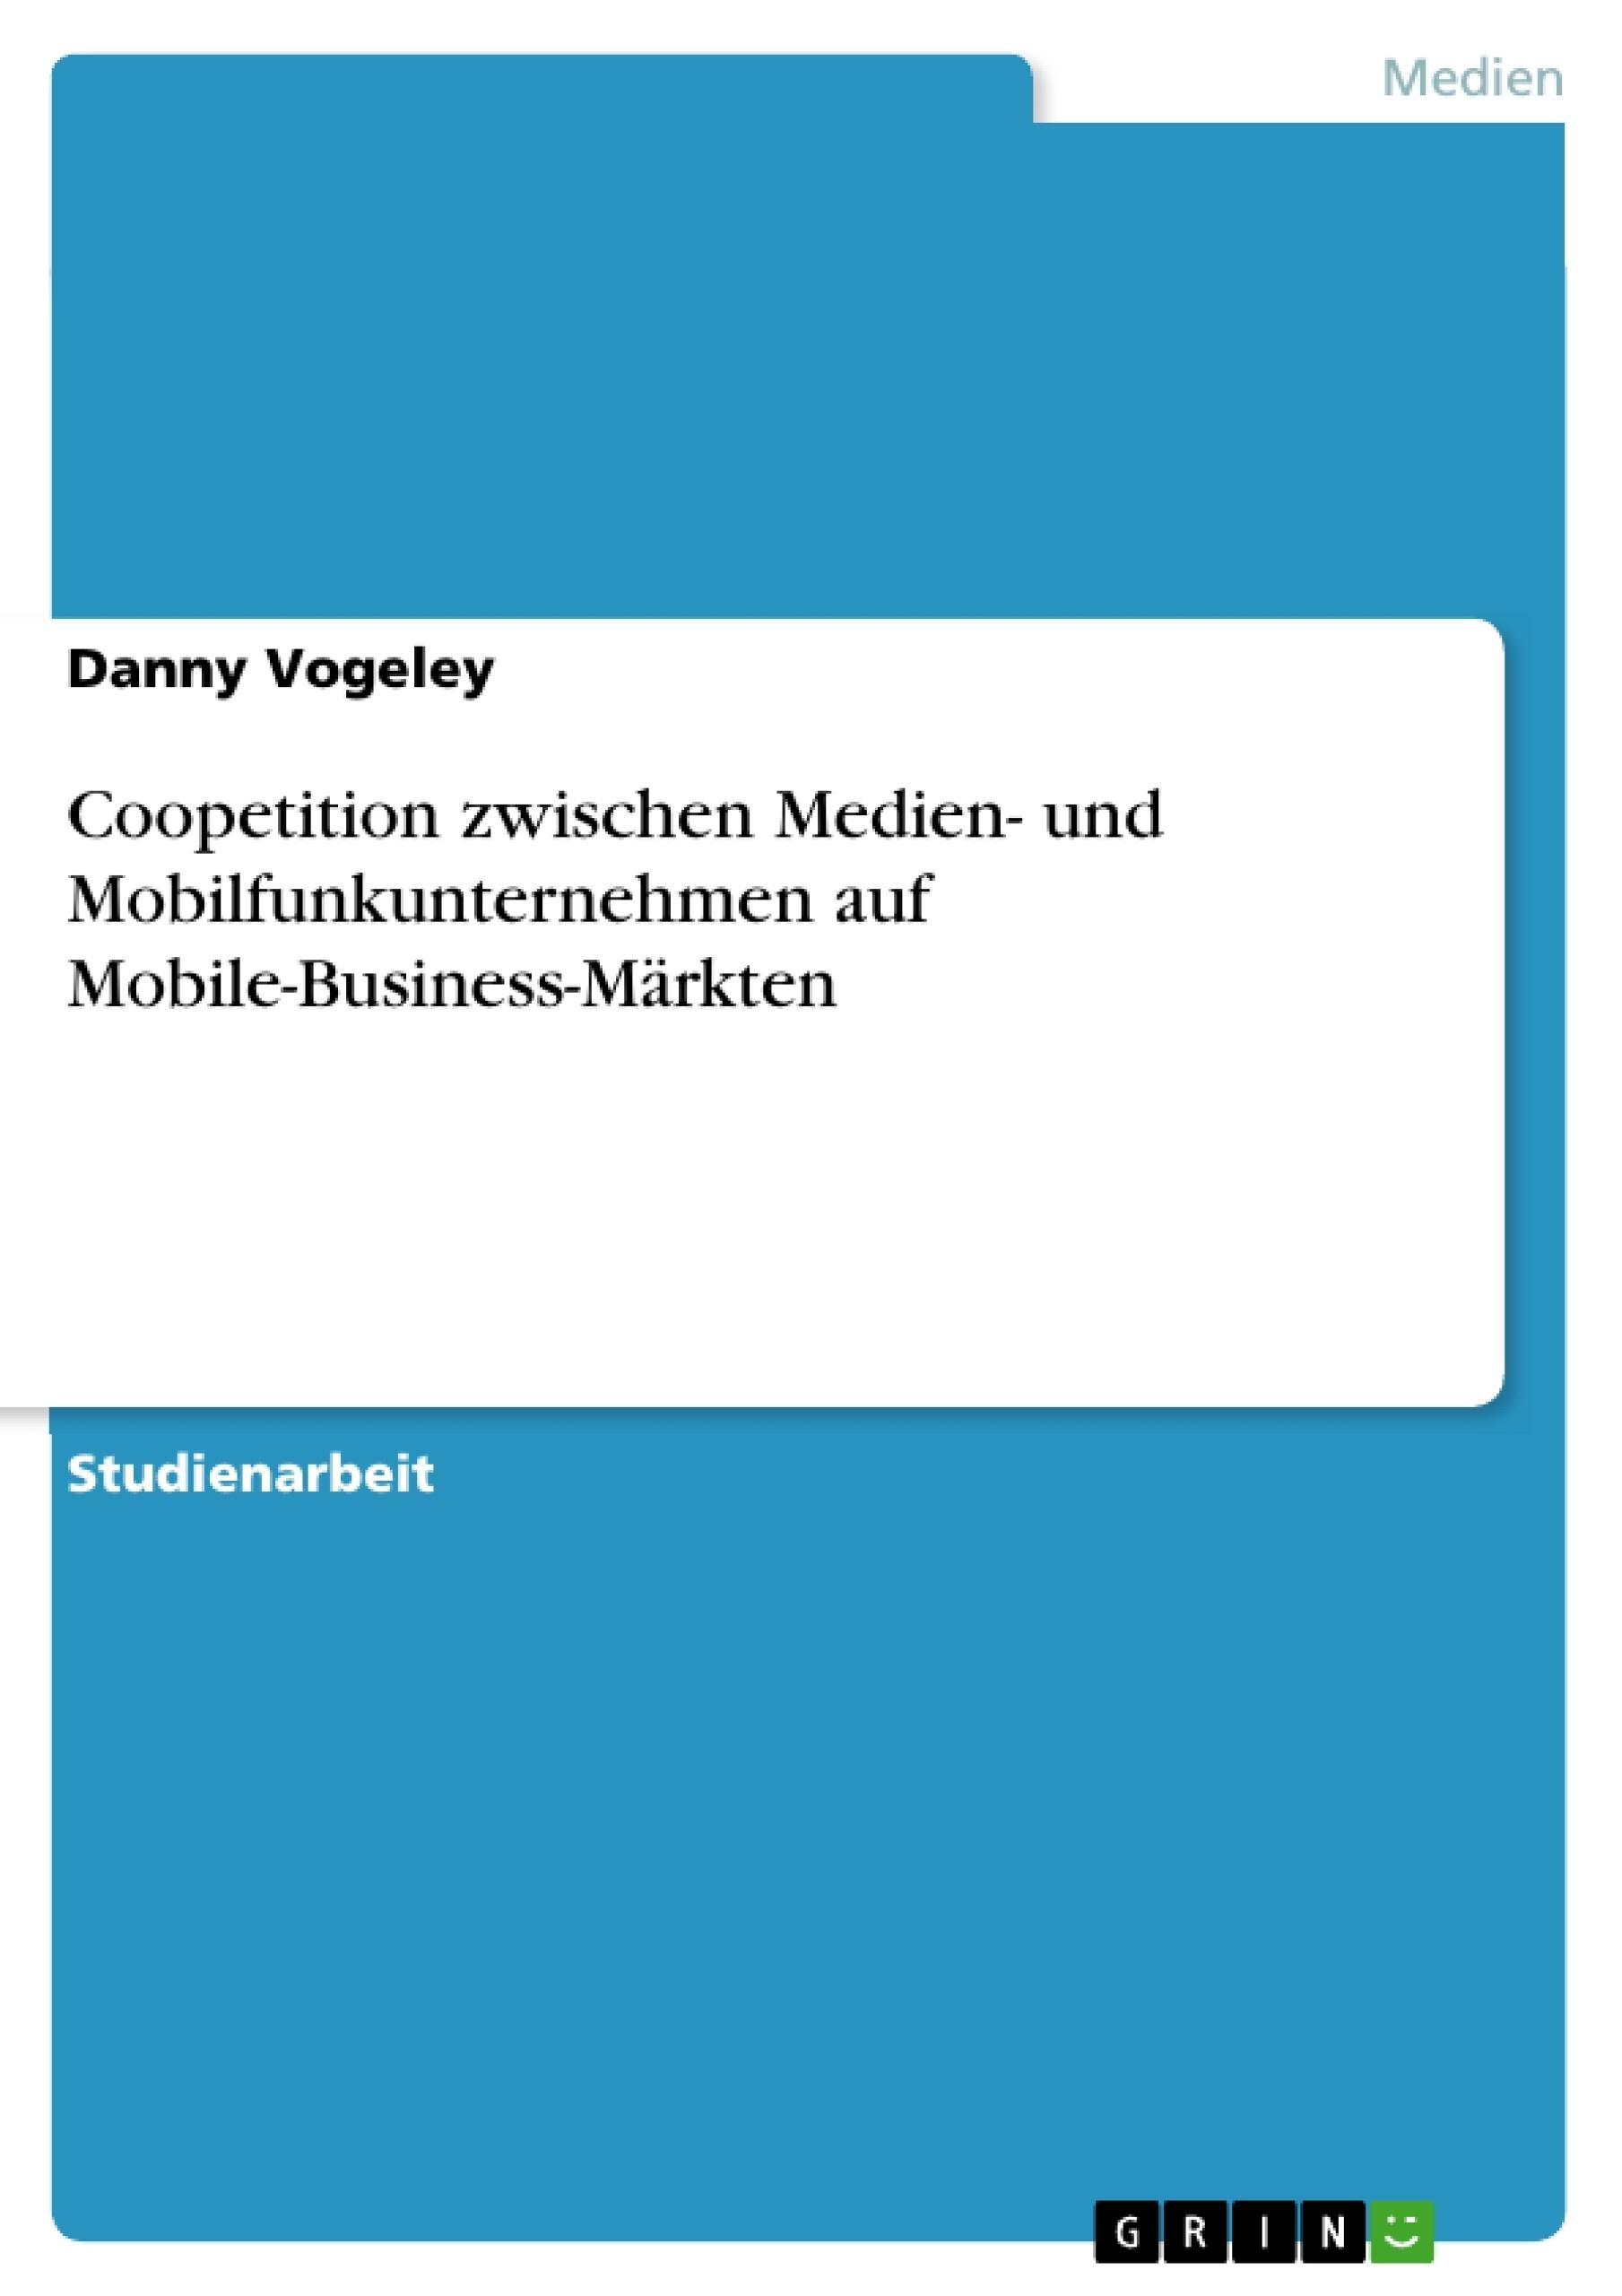 Titel: Coopetition zwischen Medien- und Mobilfunkunternehmen auf Mobile-Business-Märkten